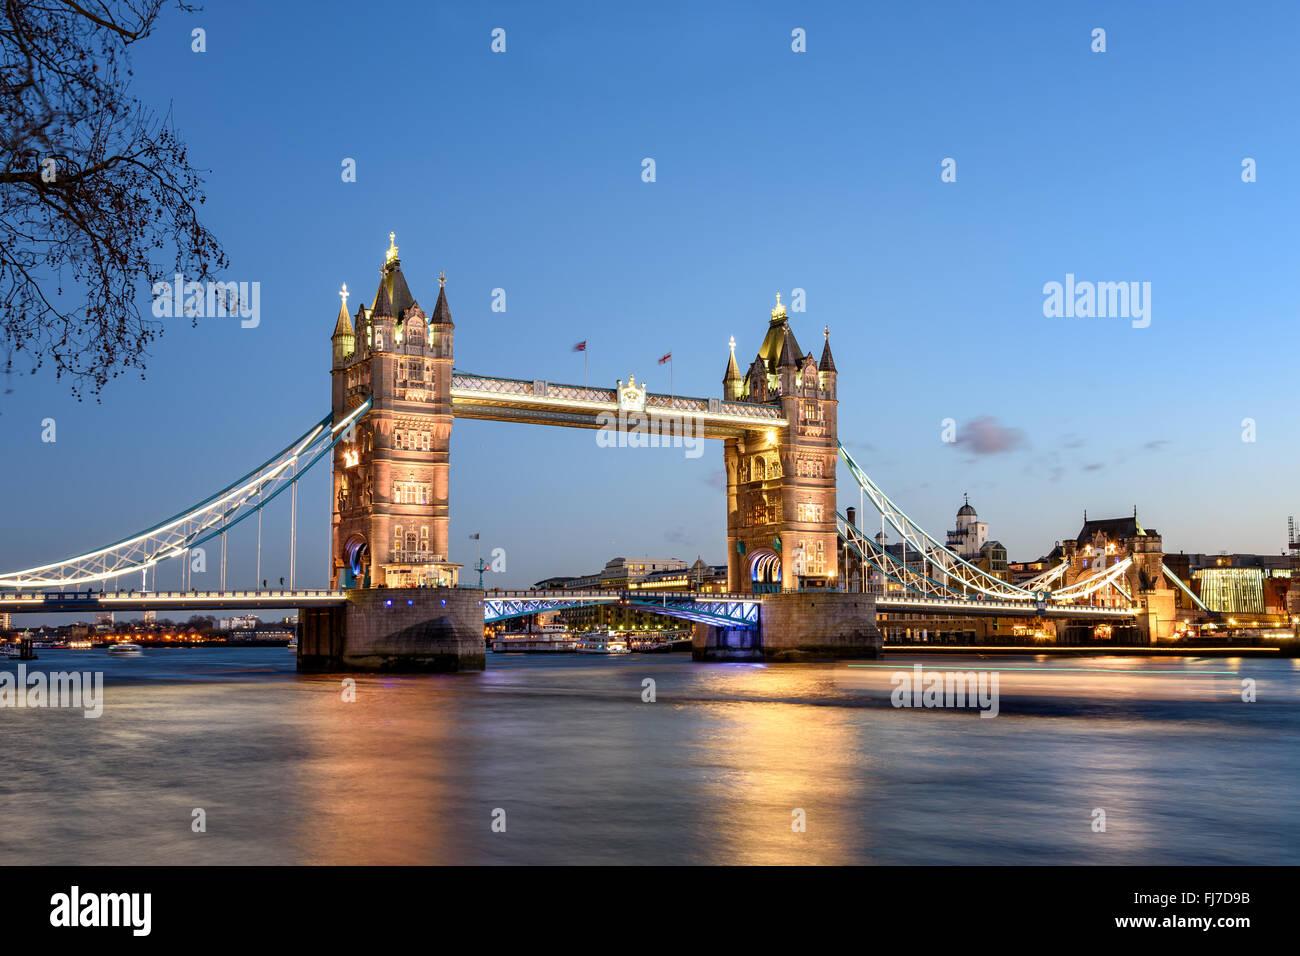 Il Tower Bridge di Londra è il più famoso punto di riferimento e di attrazione turistica. Immagini Stock